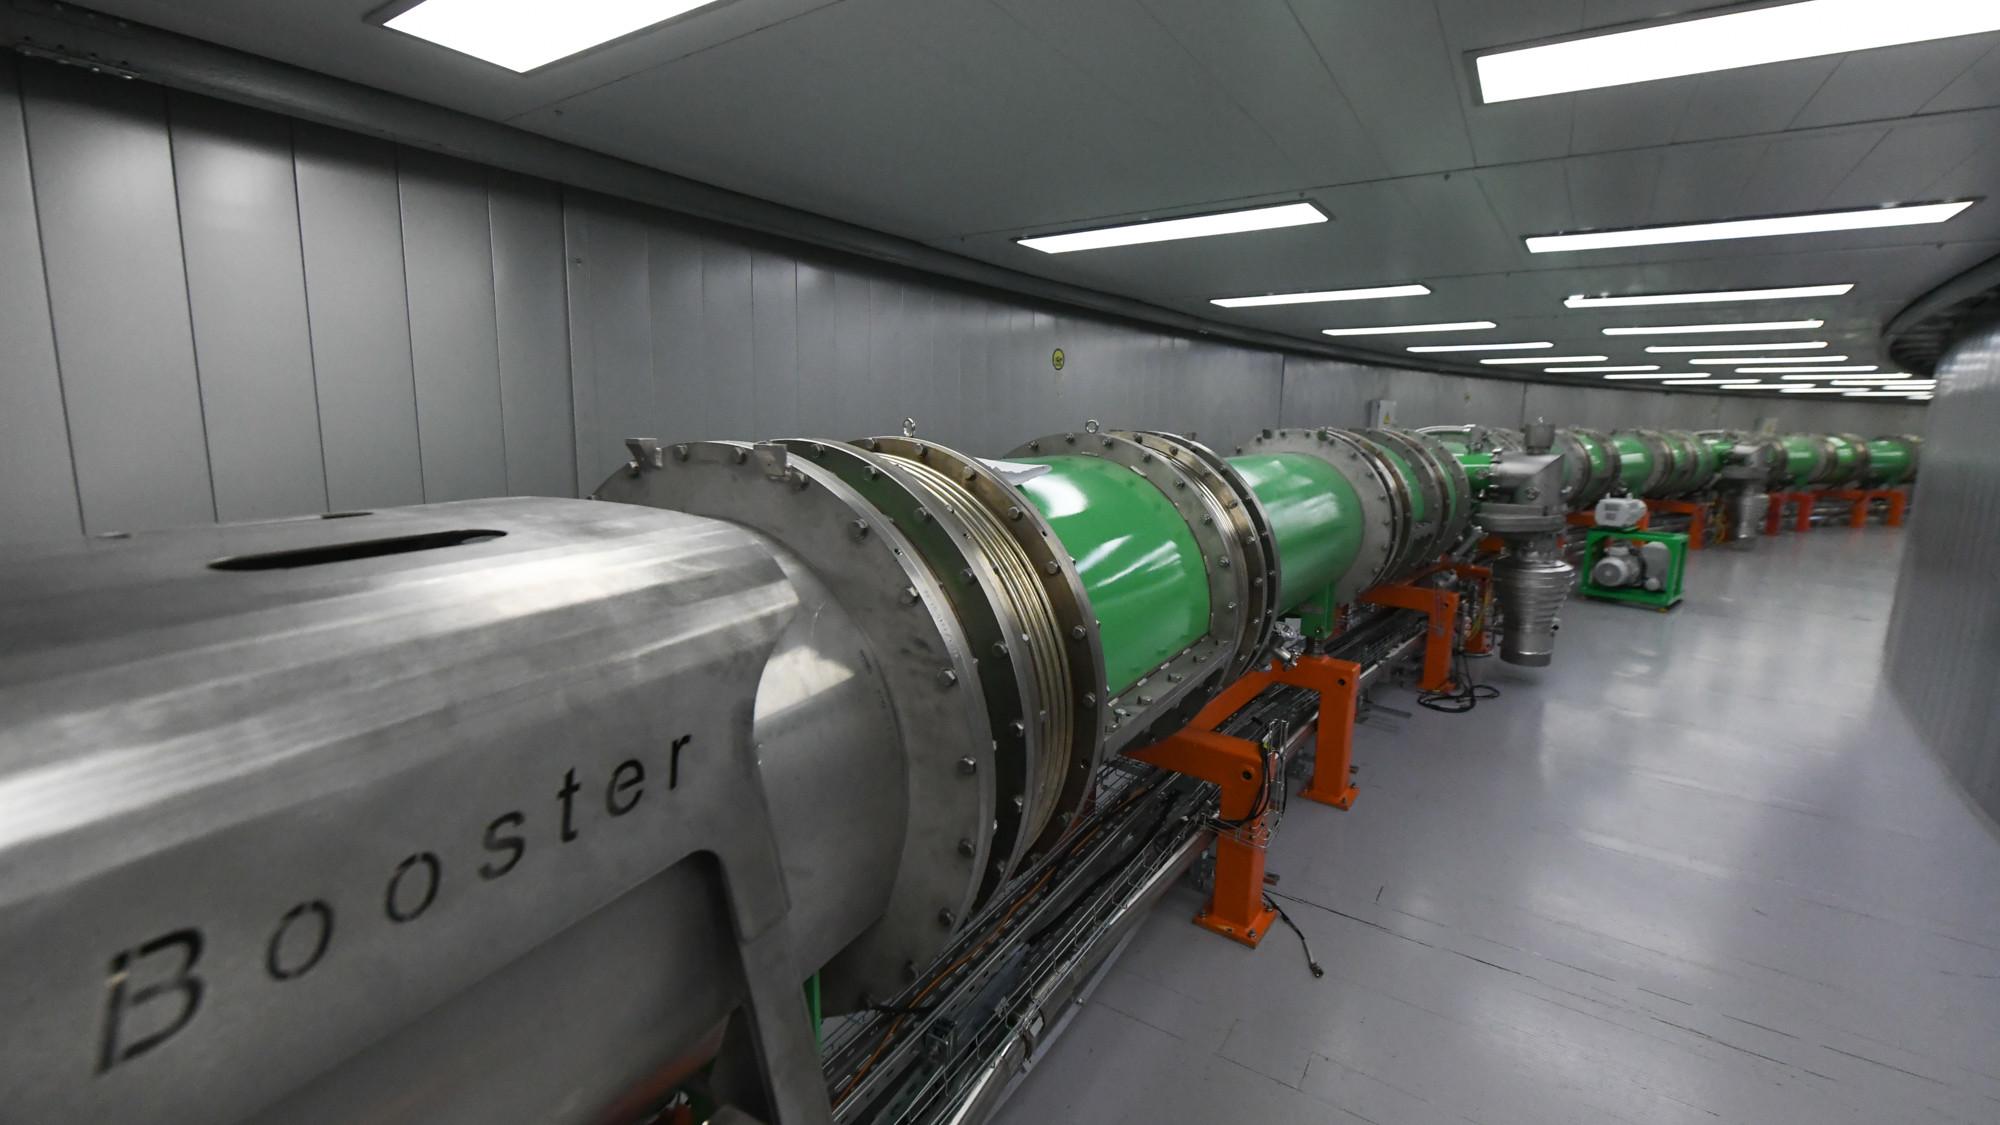 Губернатор: Коллайдер в Дубне позволит привлечь на работу талантливых ученых